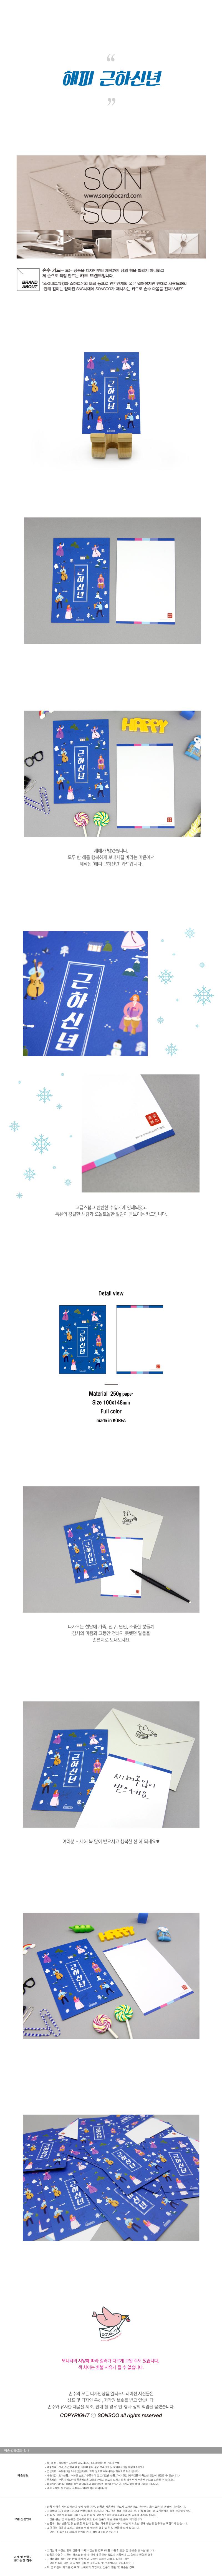 해피 근하신년 - 손수카드, 2,300원, 카드, 시즌/테마 카드